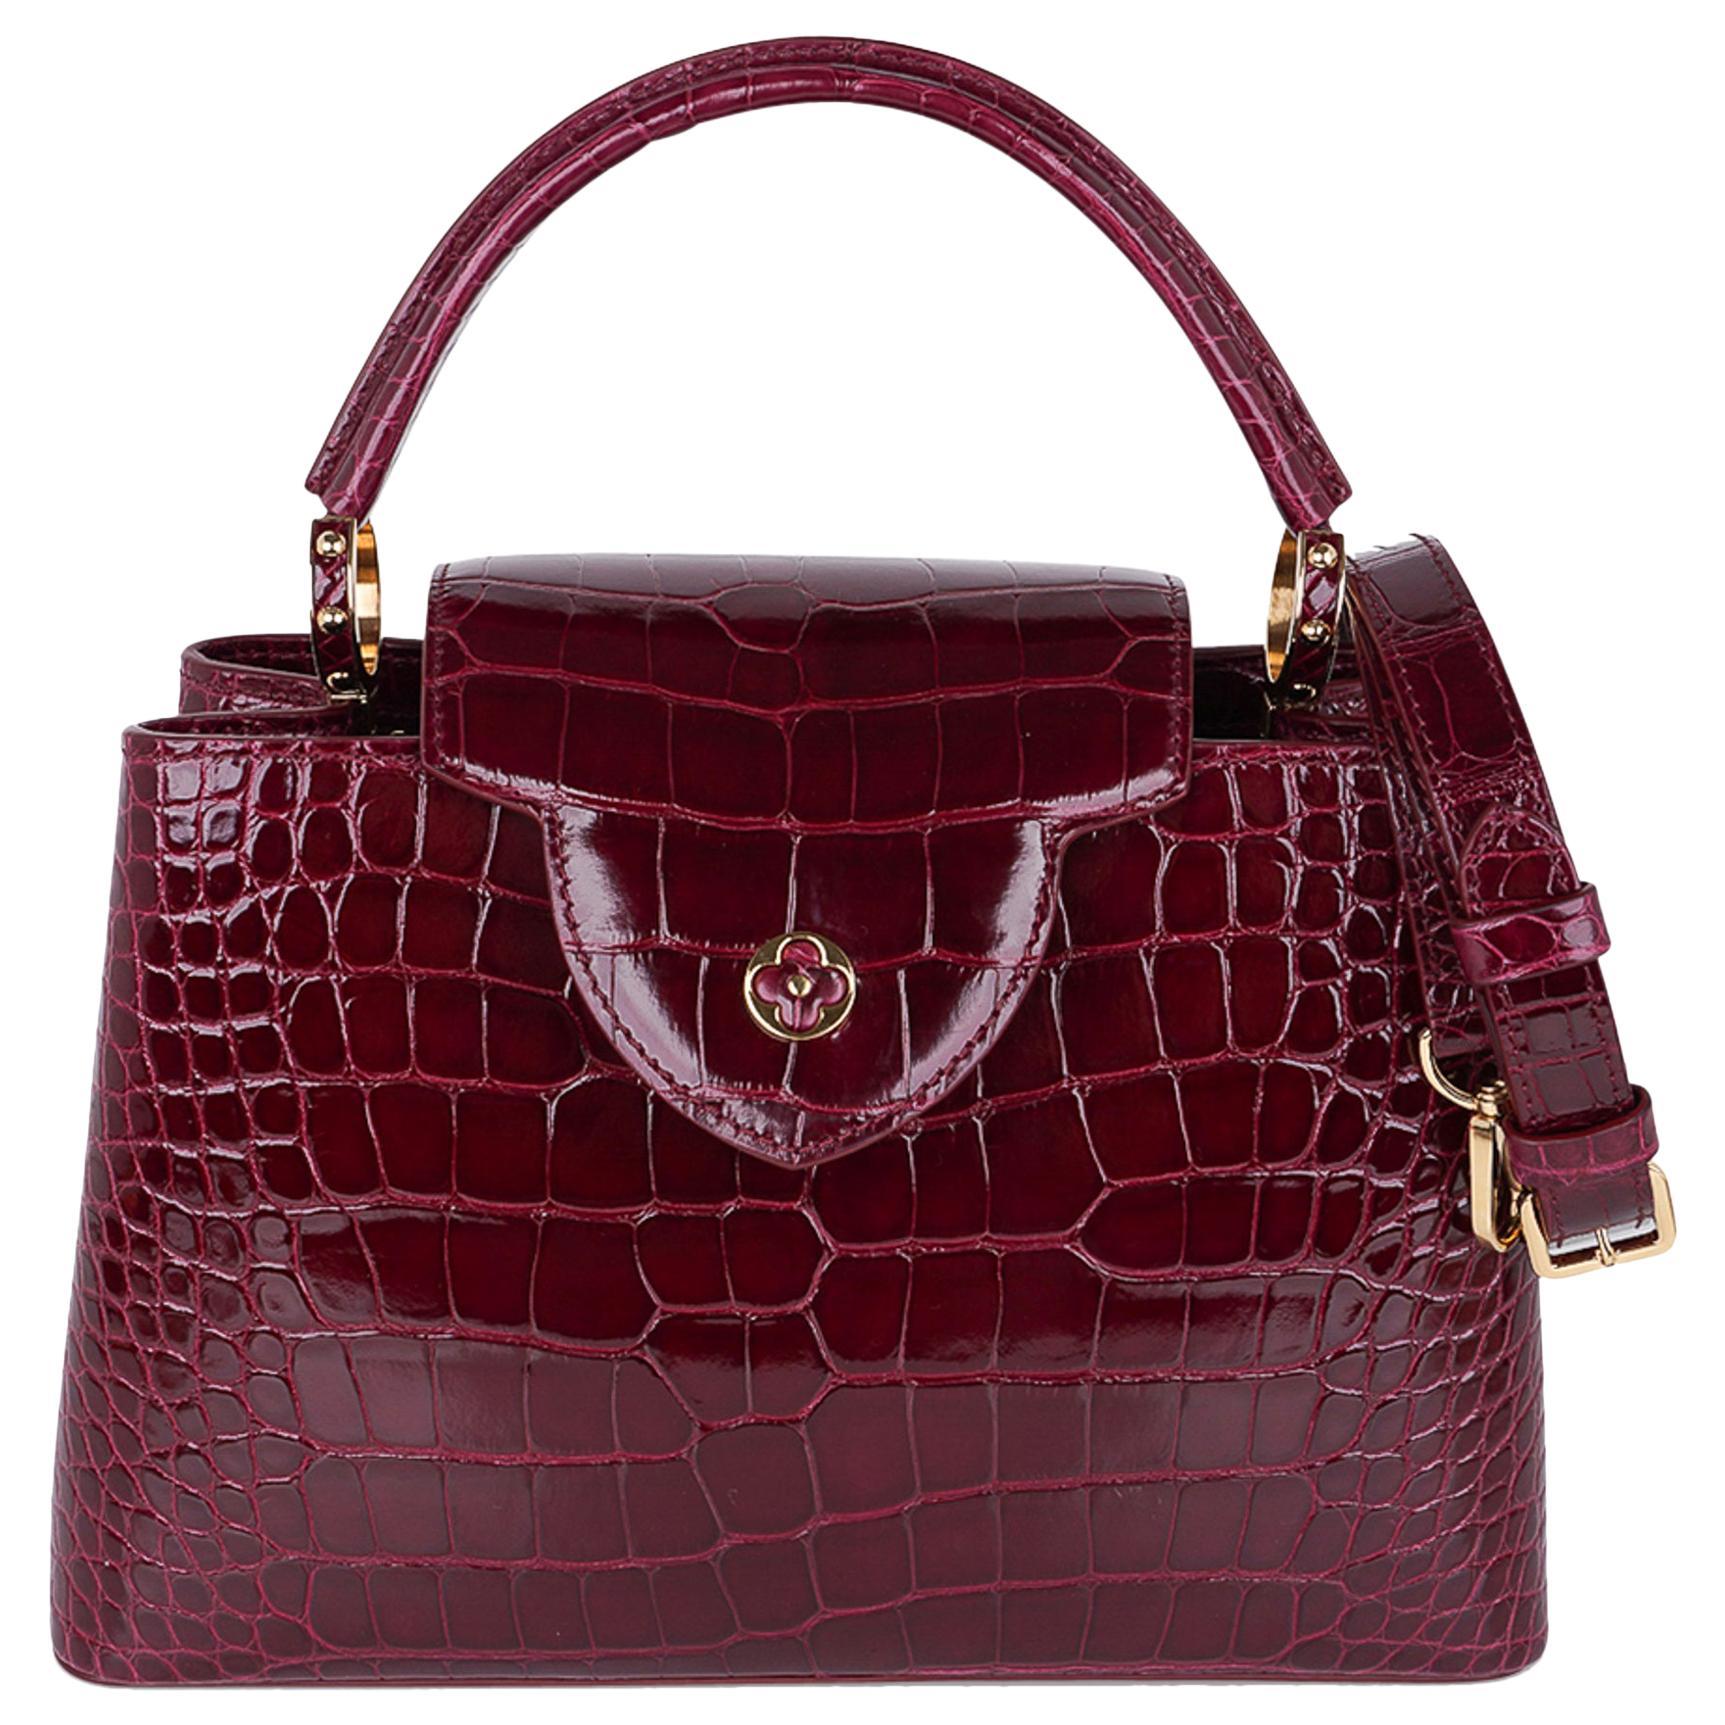 Louis Vuitton Capucines PM Bag Wildcat Crocodile Limited Edition